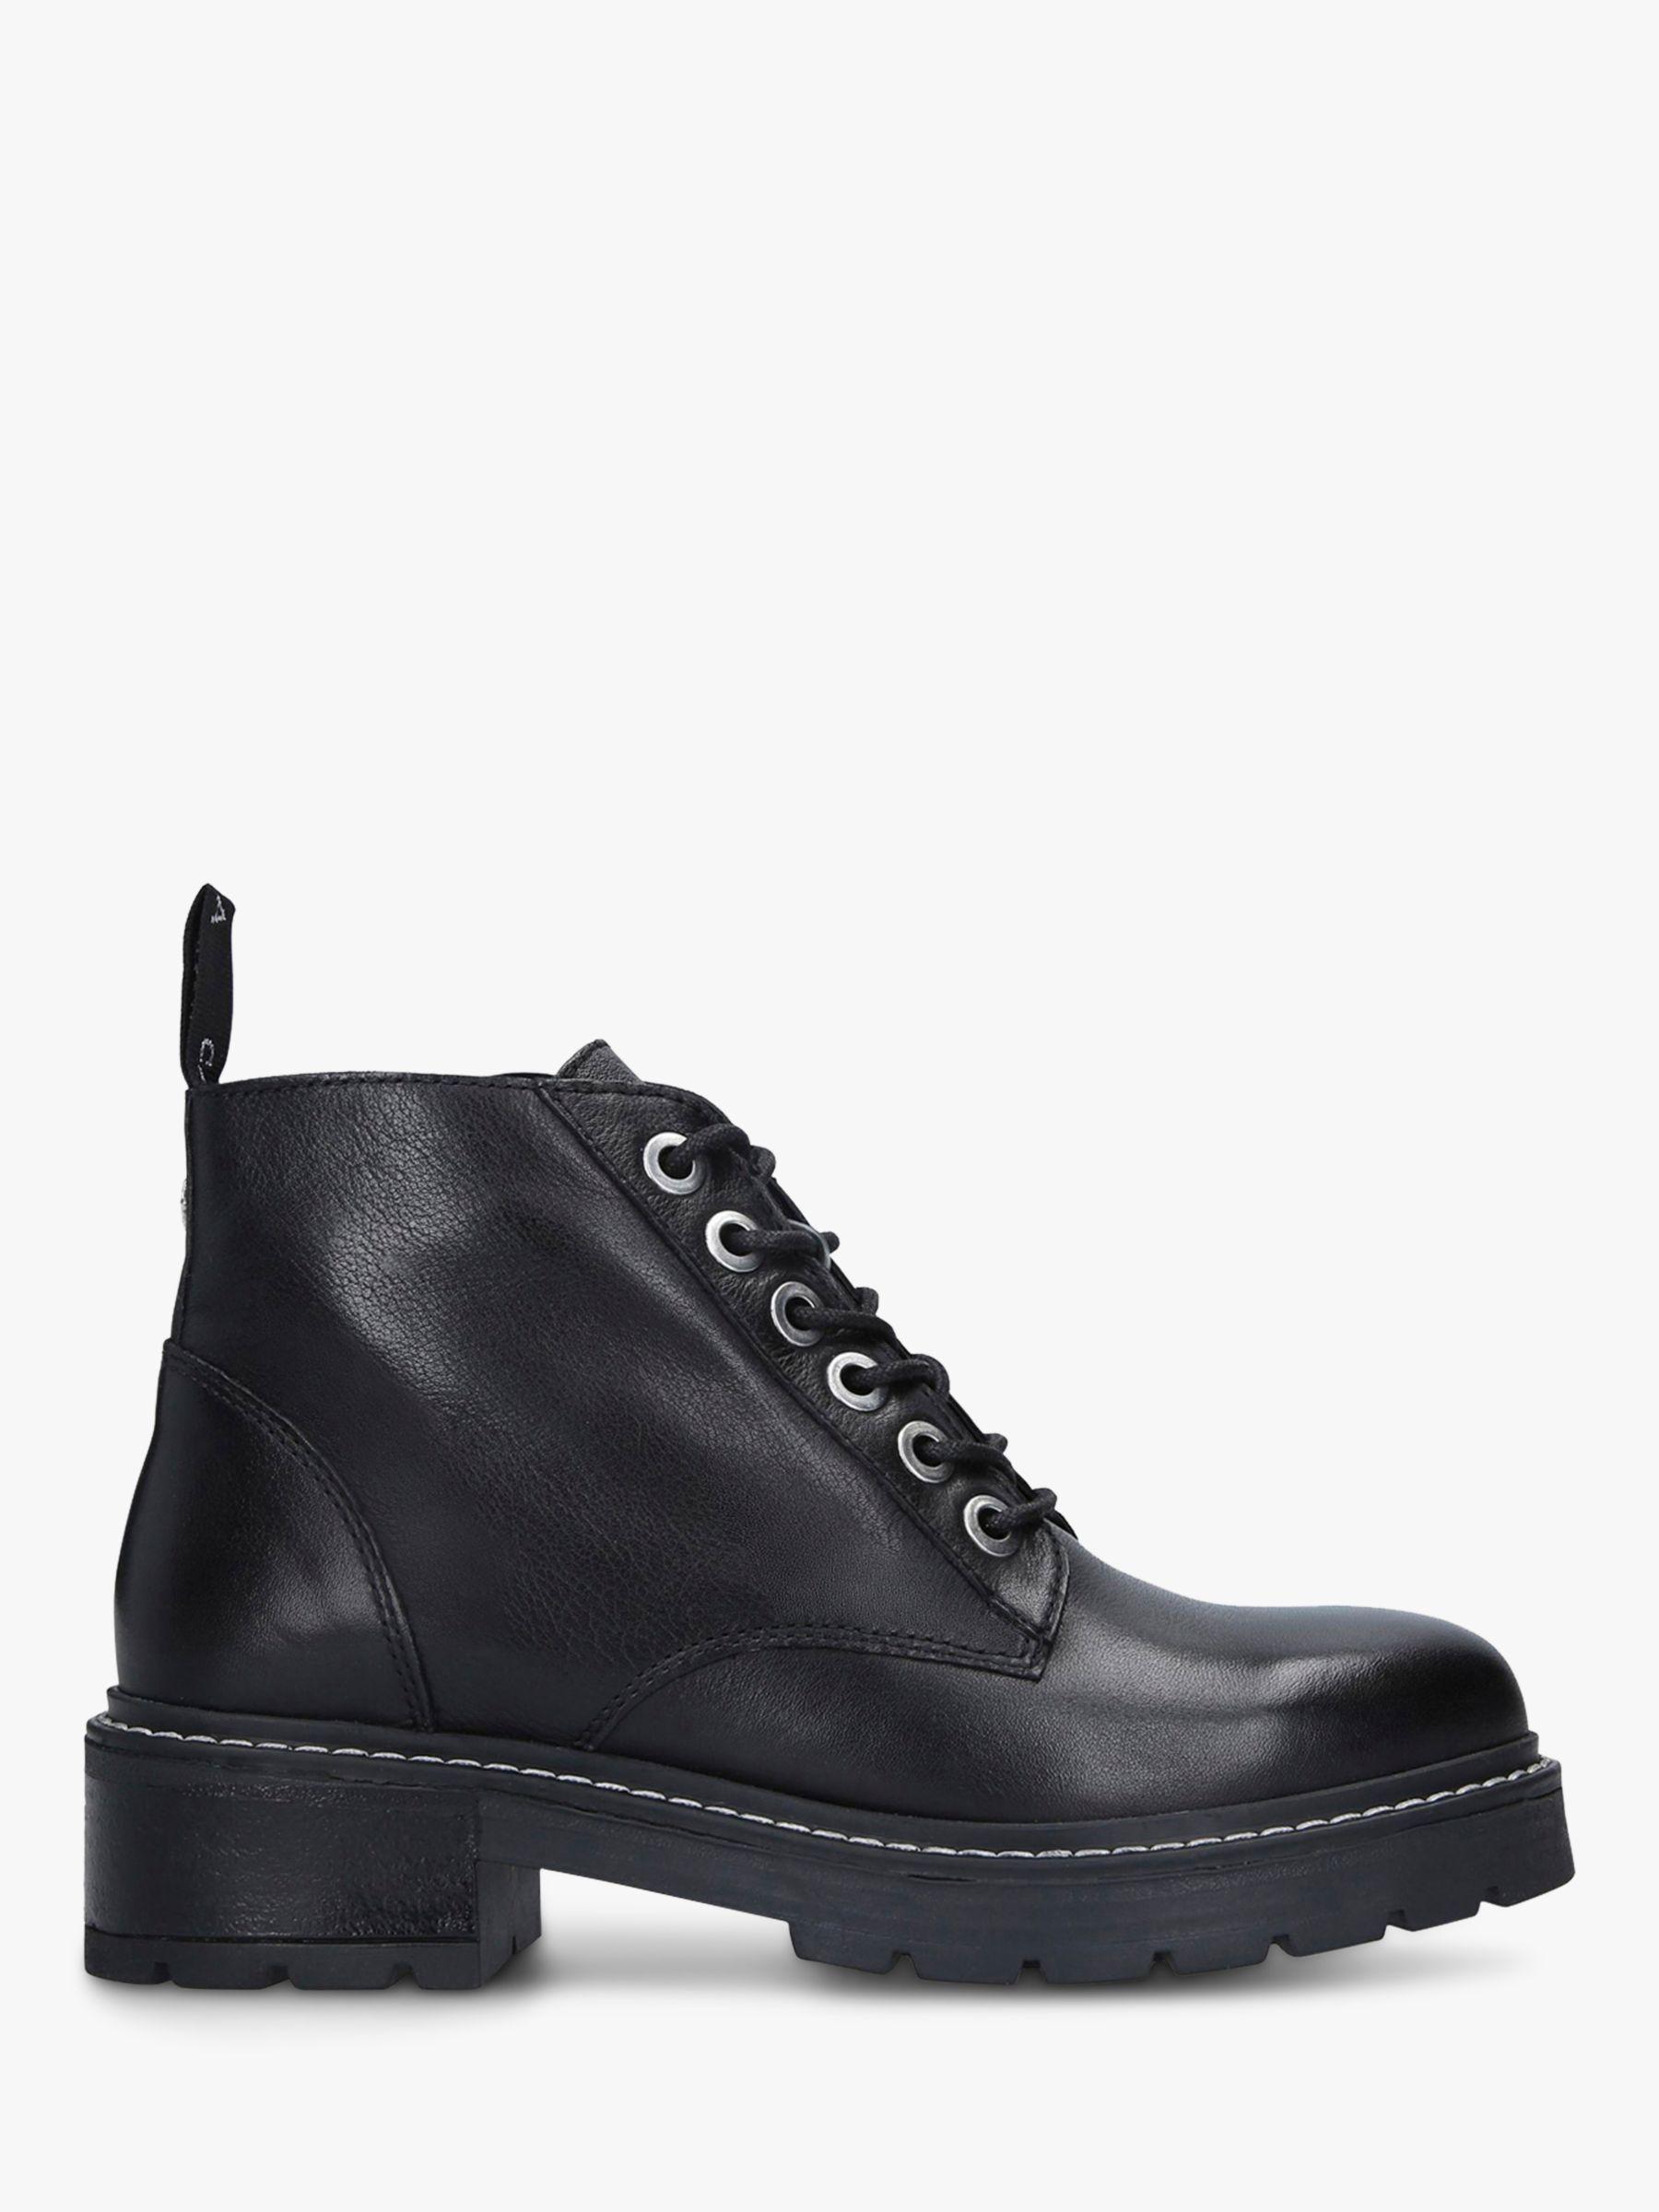 Carvela Carvela Trinket Lace Up Leather Ankle Boots, Black